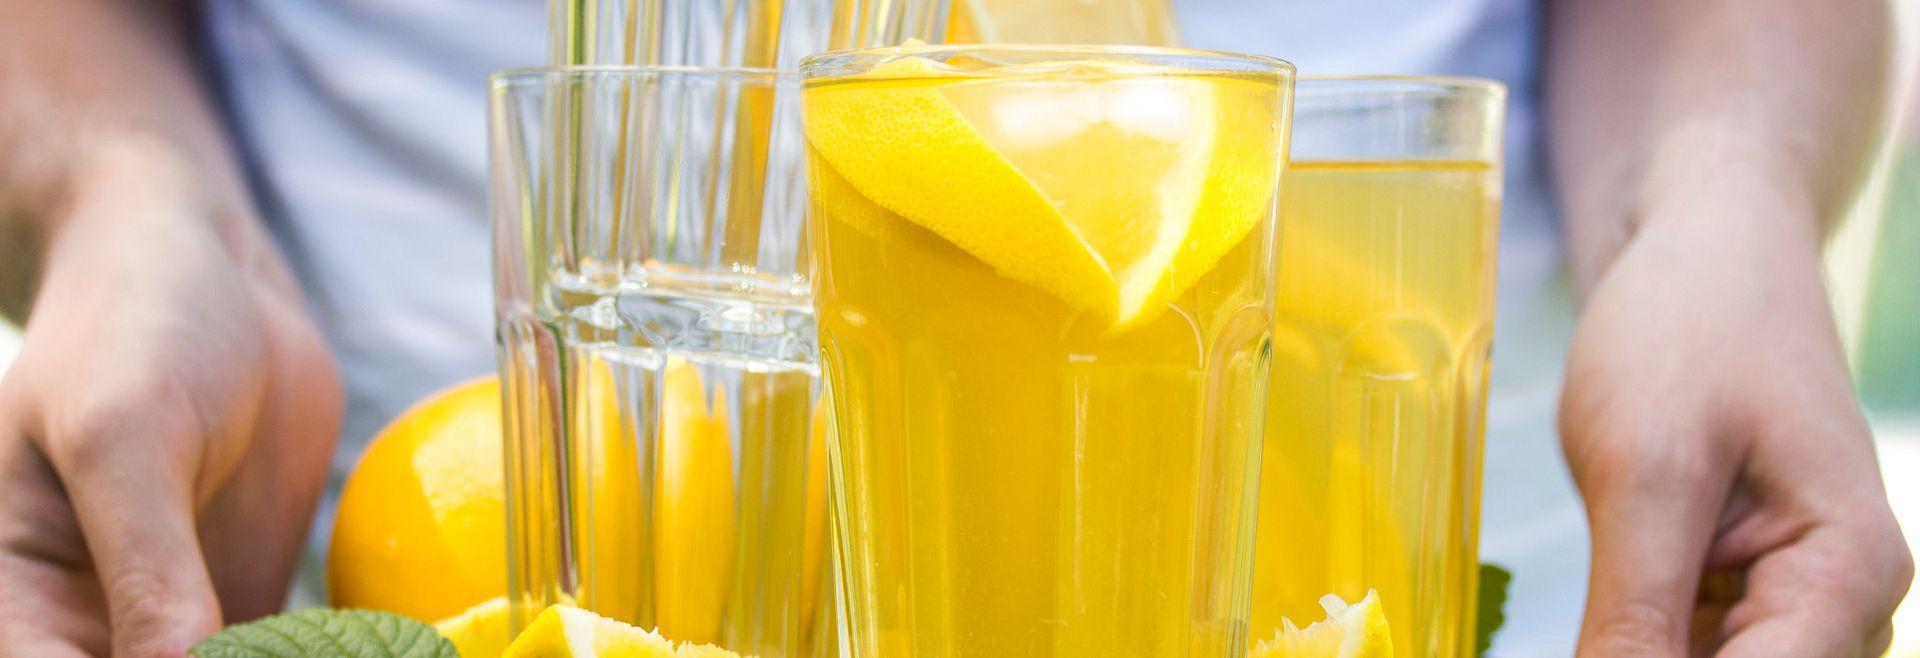 Lark hill Lemonade Lemon Soda